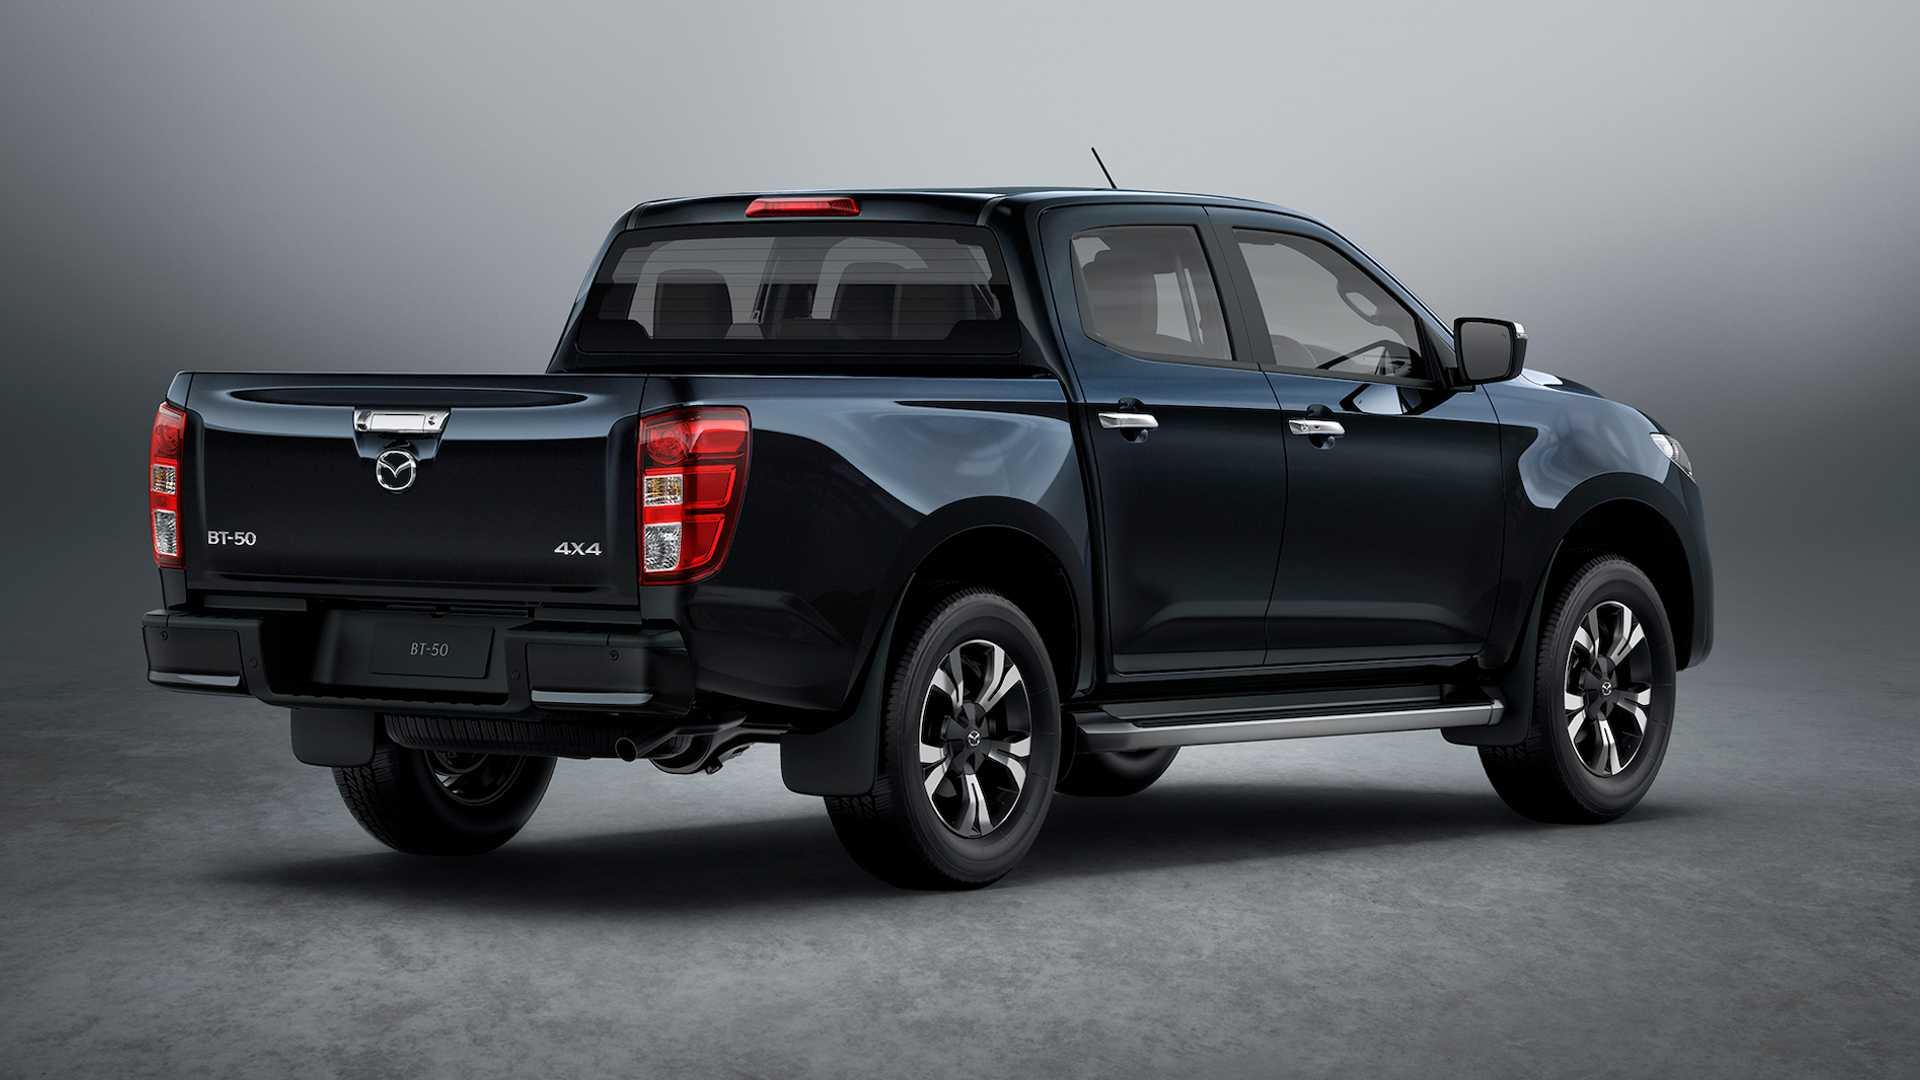 2021 Mazda BT-50 Revealed in Australia, Adopts Kodo Design ...